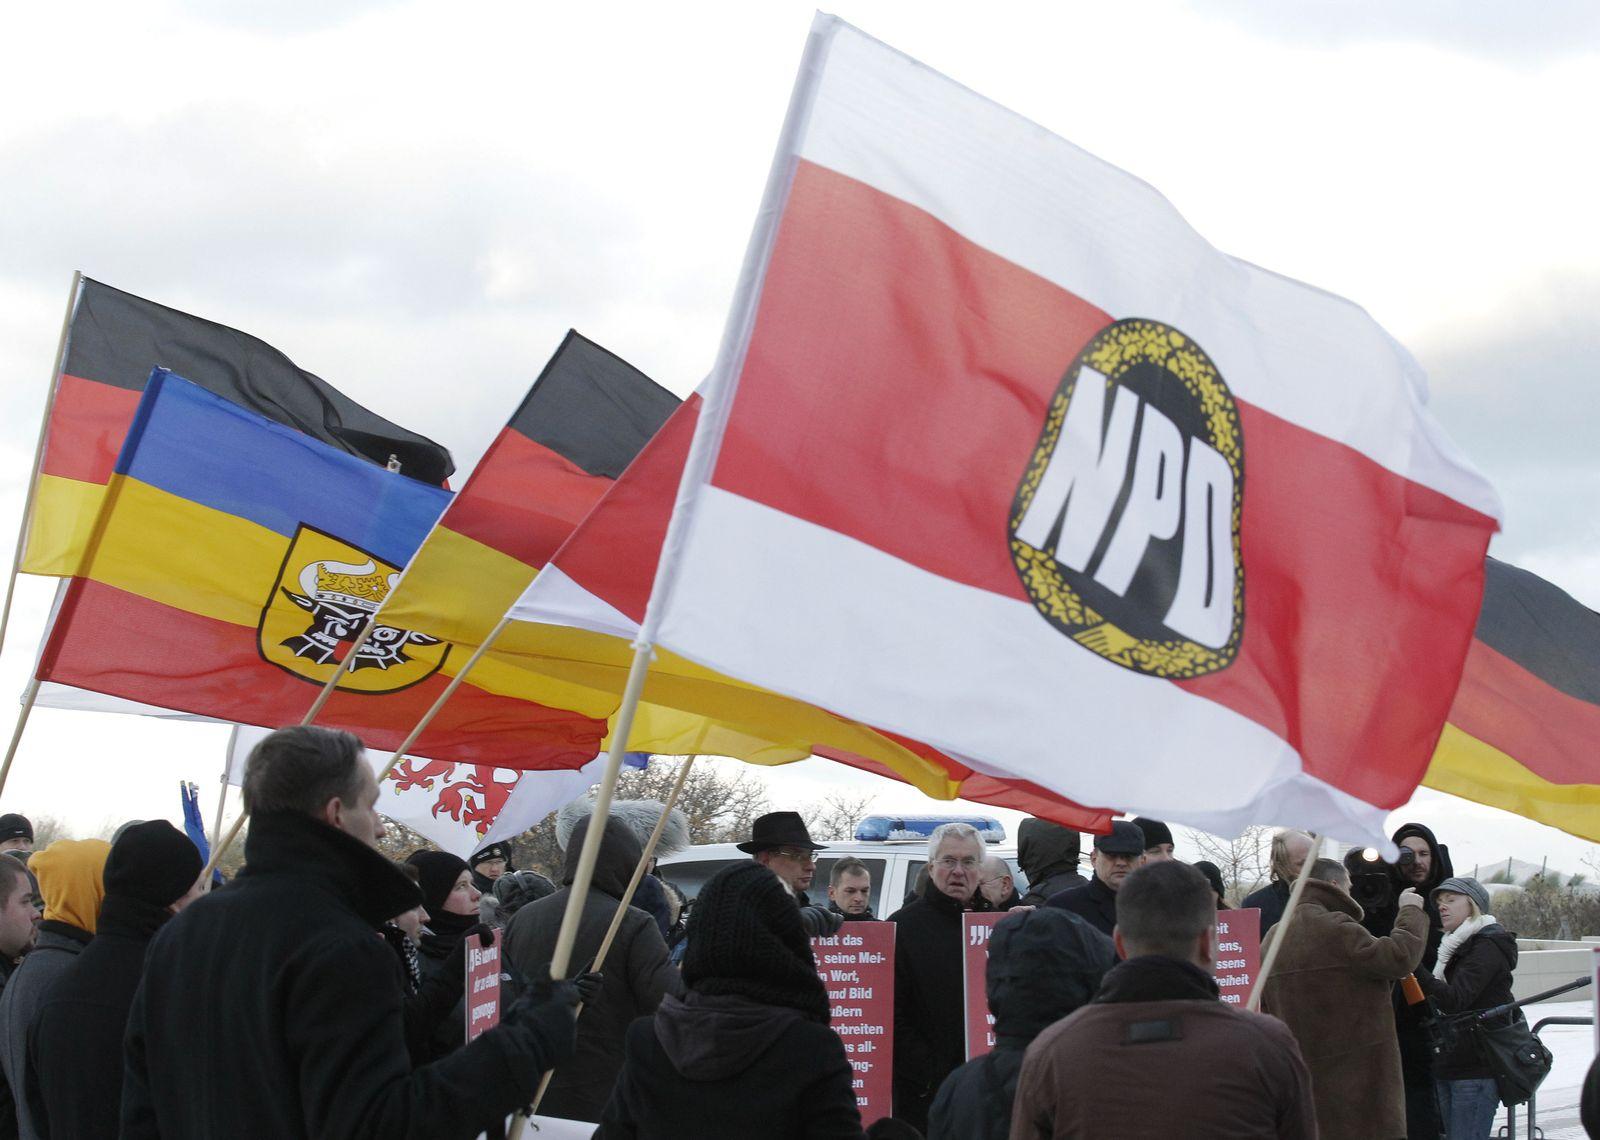 Parteien / NPD